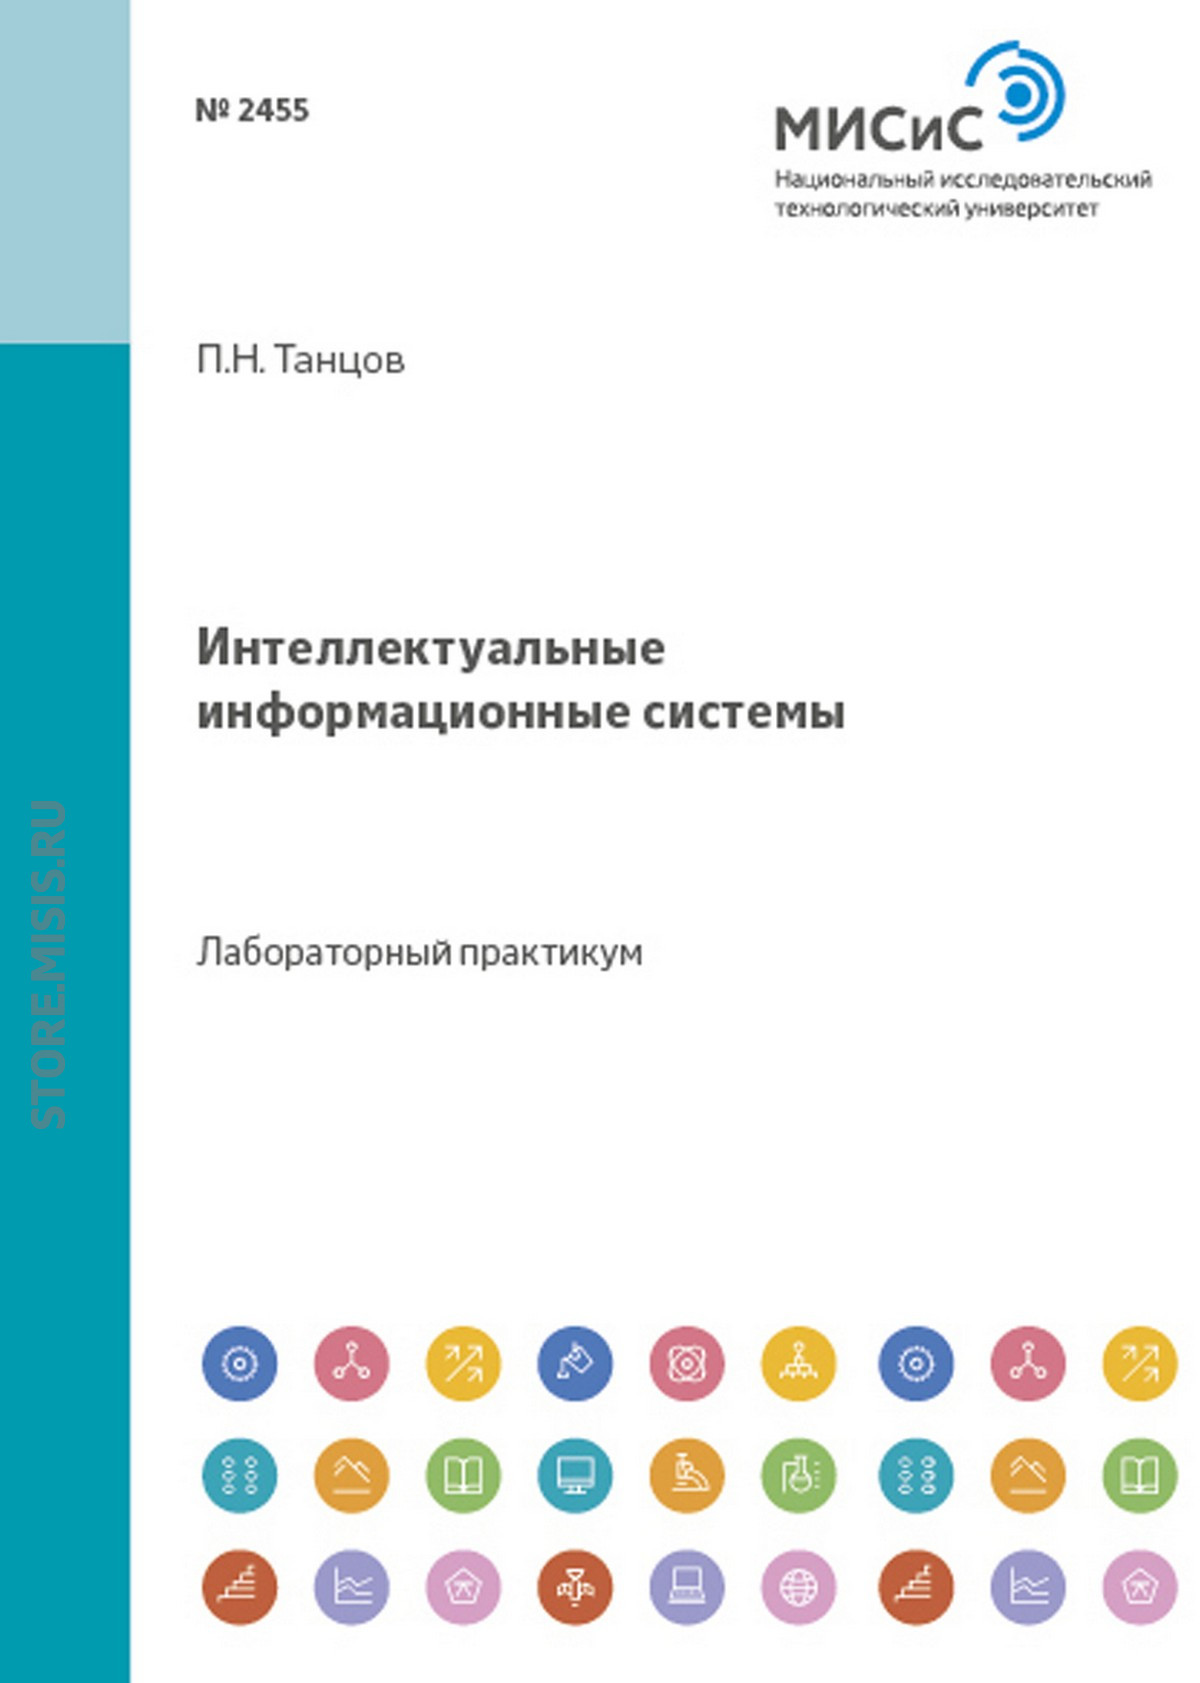 Петр Танцов Интеллектуальные информационные системы